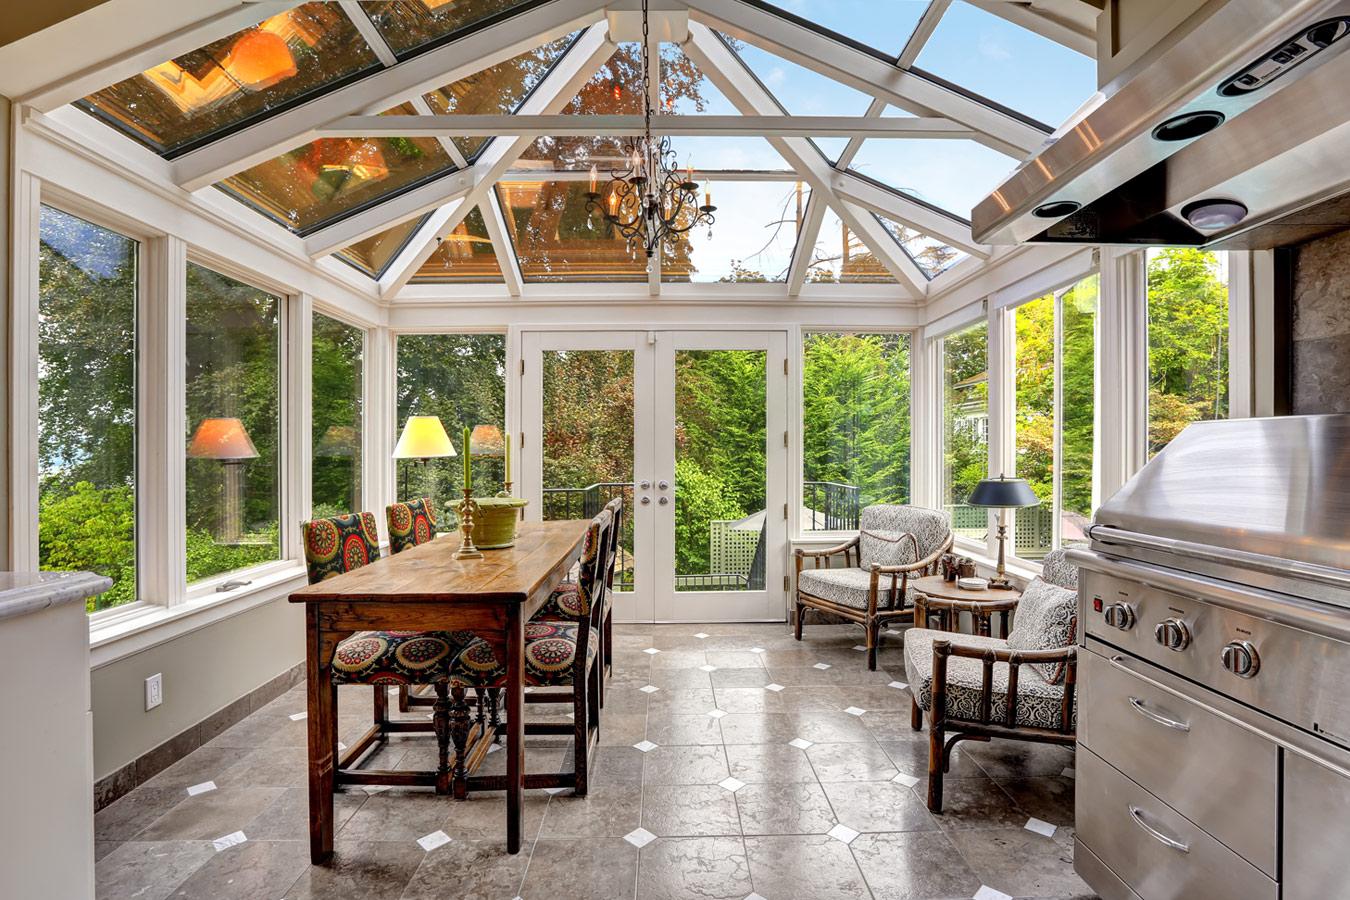 Keuken Uitbreiden Met Veranda : Witte veranda met inox keuken – aanbouw of veranda